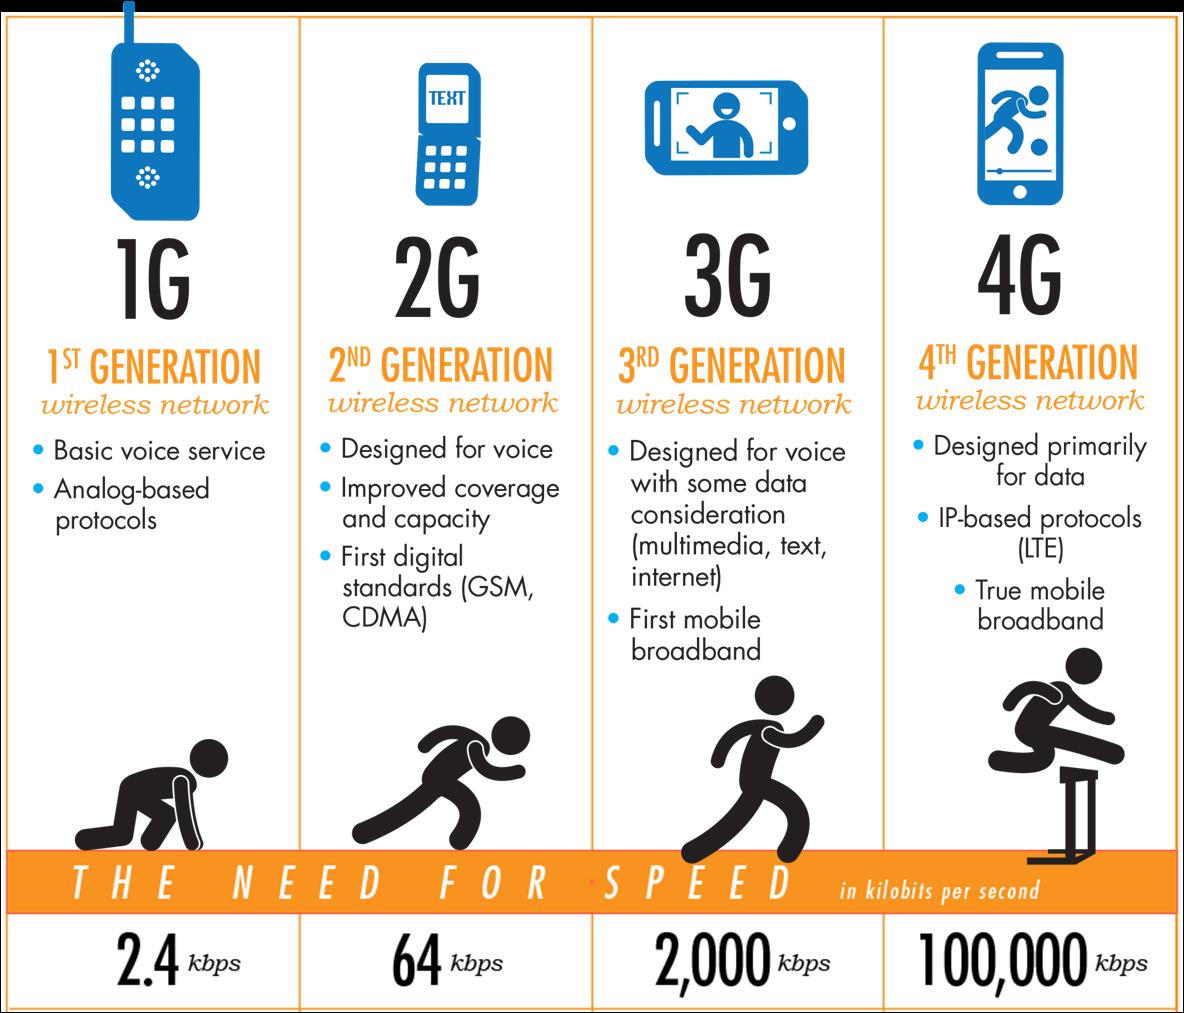 hight resolution of mobile evolution 1g 2g 3g 4g